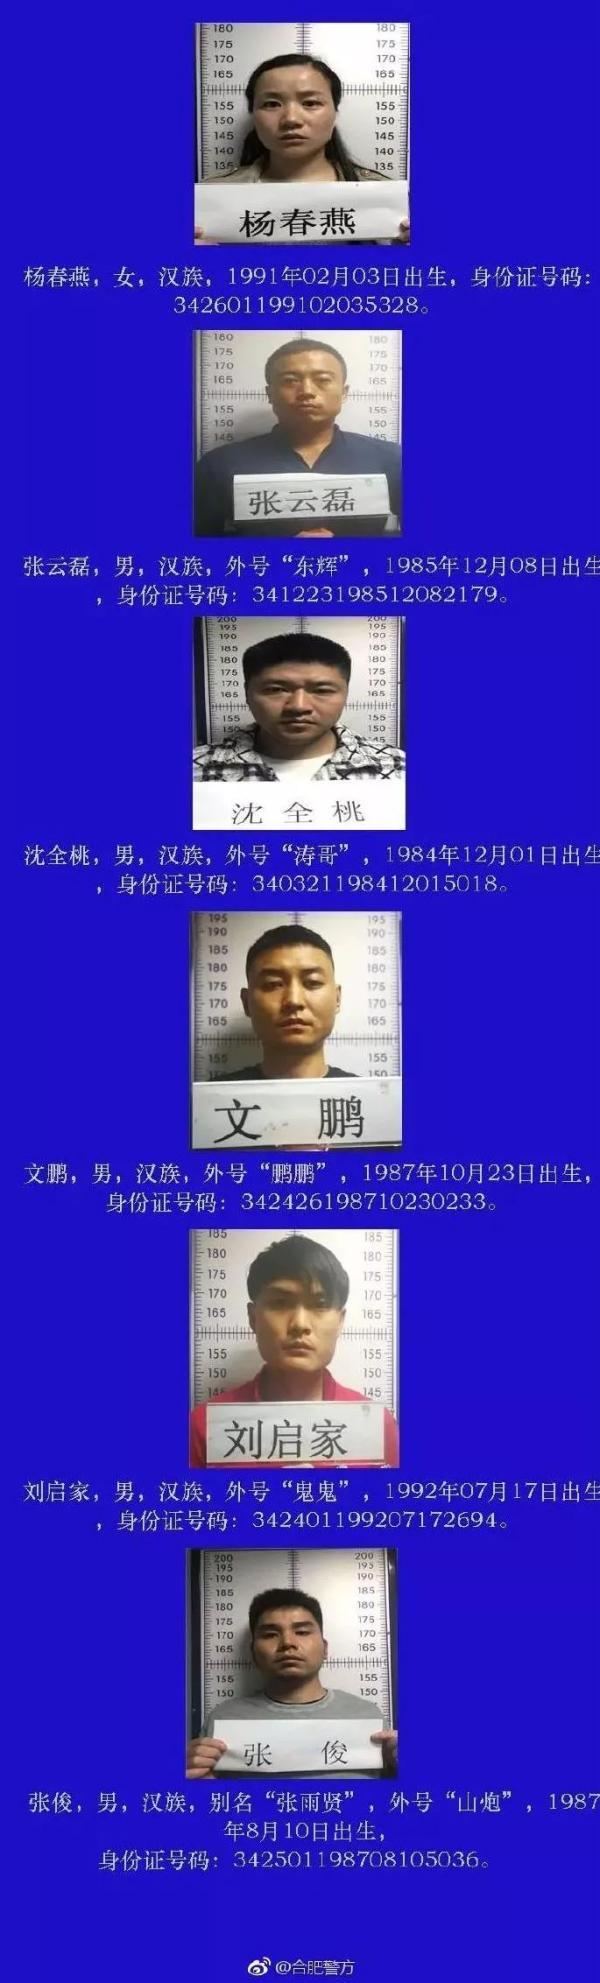 90后涉黑女老大获刑25年事件始末 被判刑的还有哪些人个人信息照片 chunji.cn